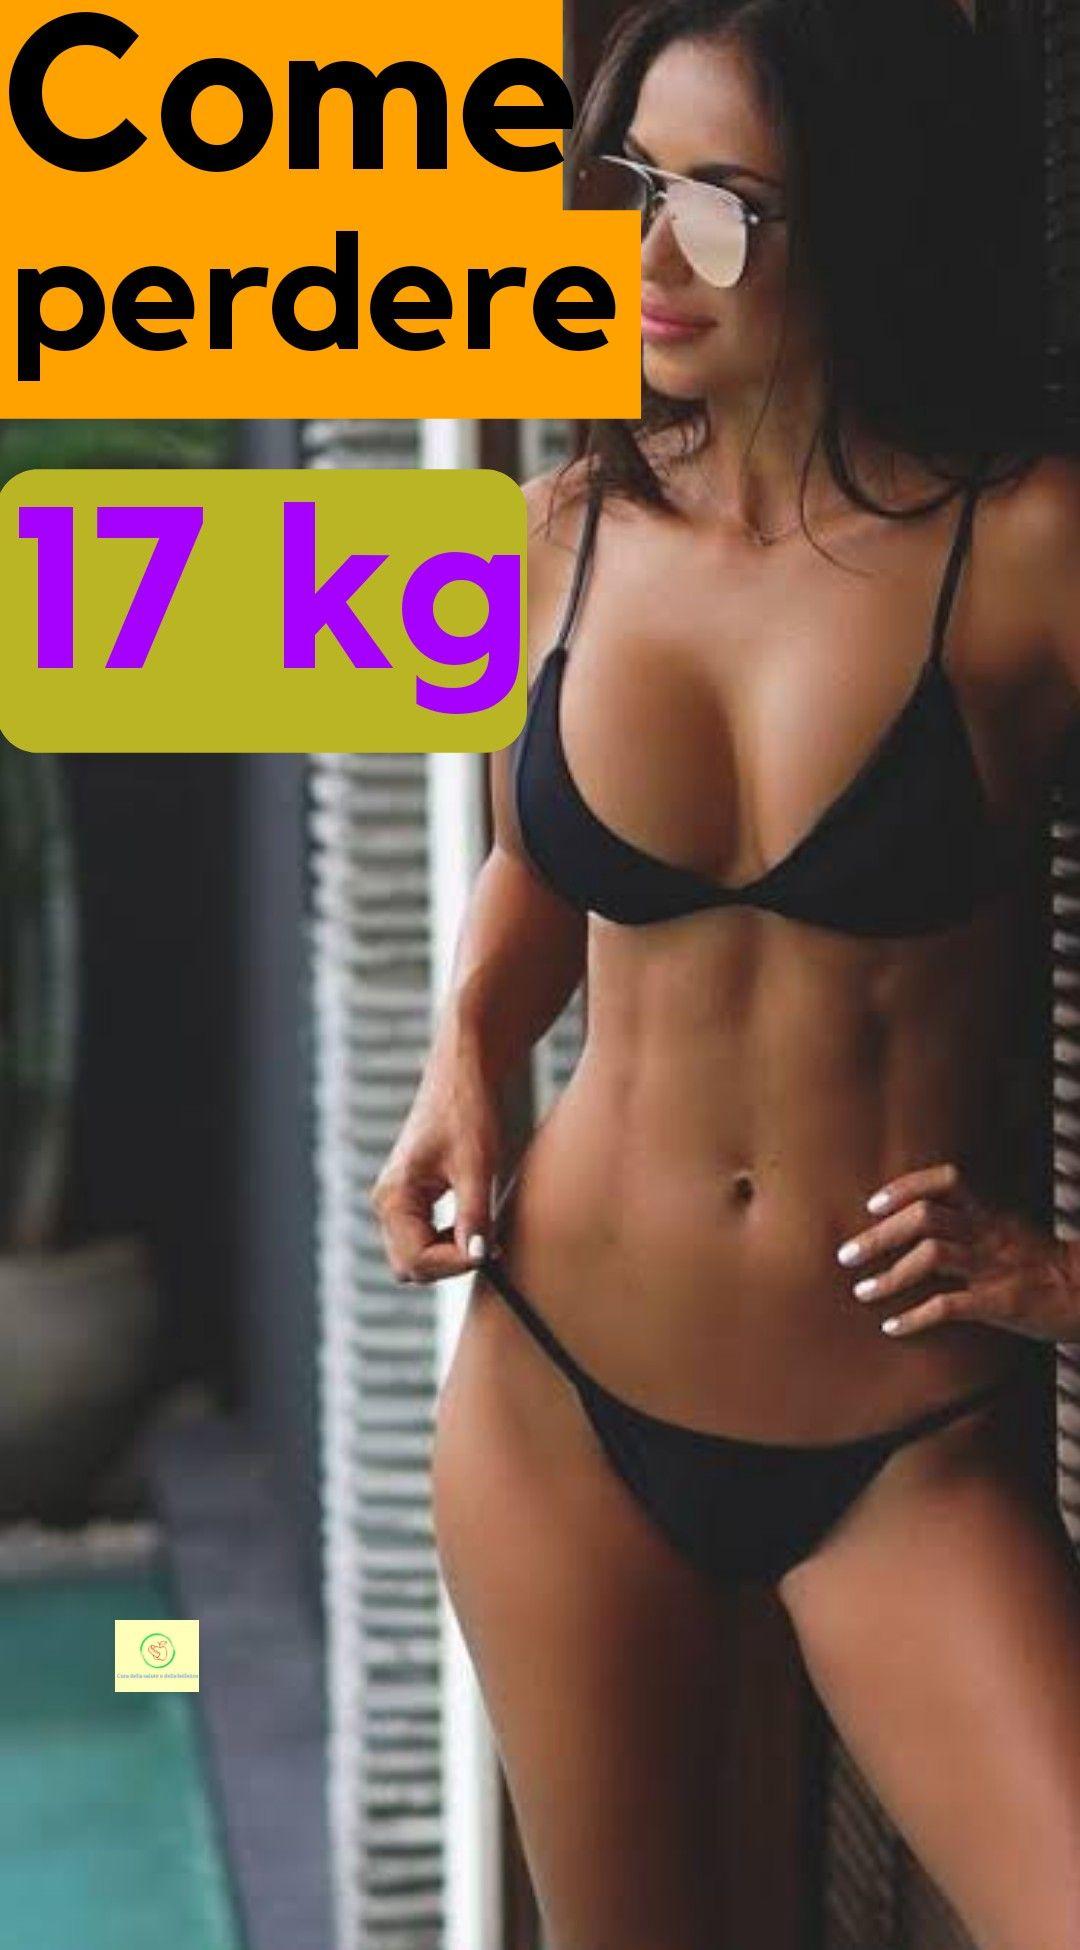 Come perdere  17 kg